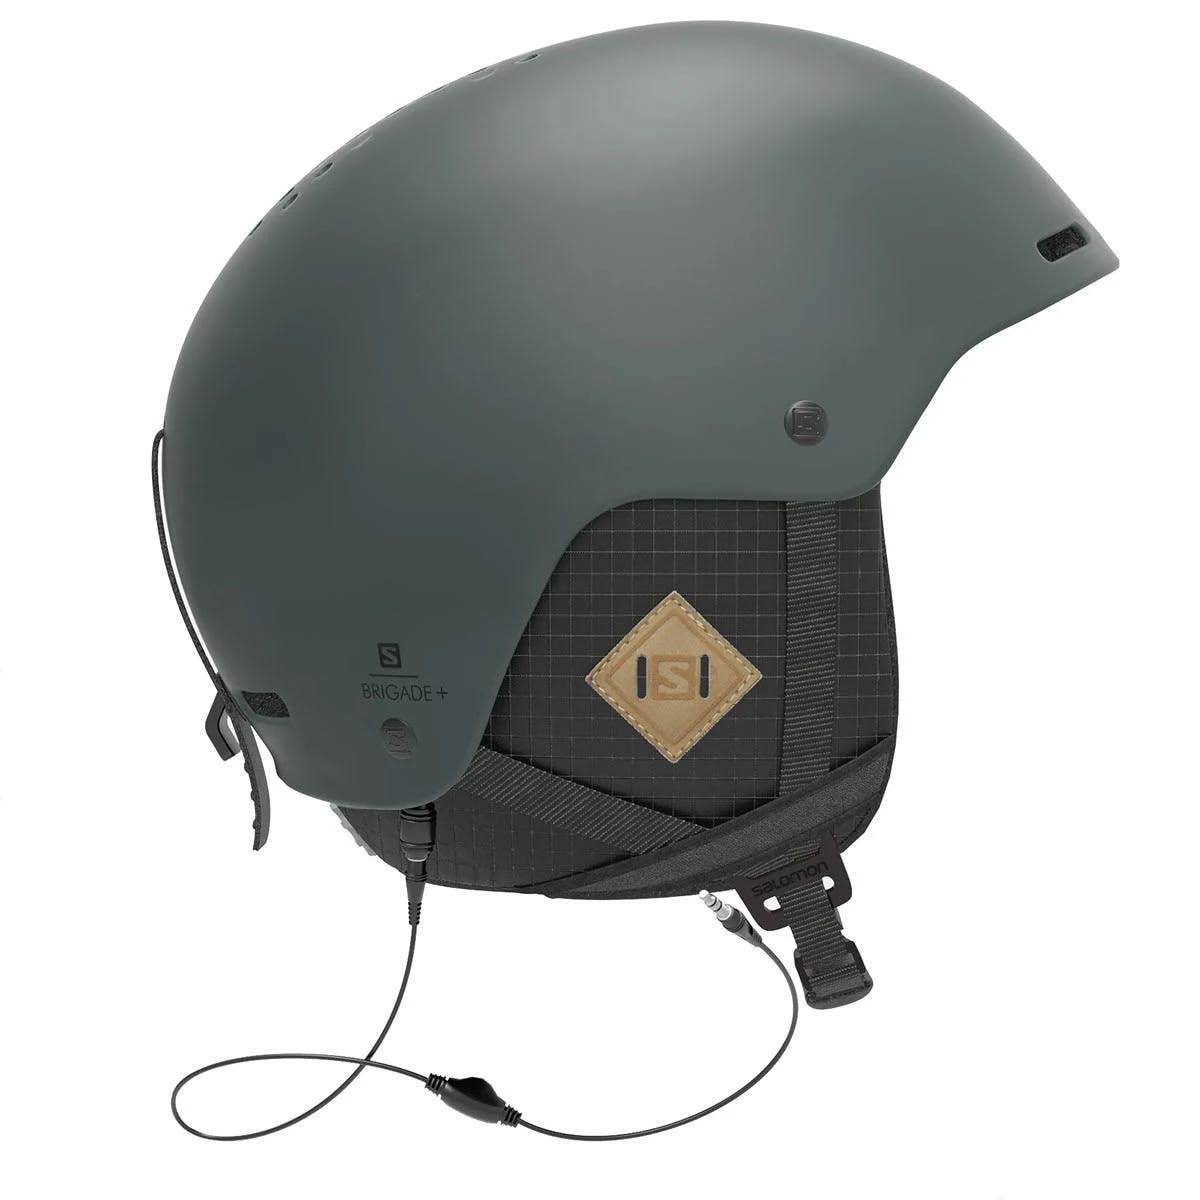 Salomon Brigade+ 53-56 Cm Helmet